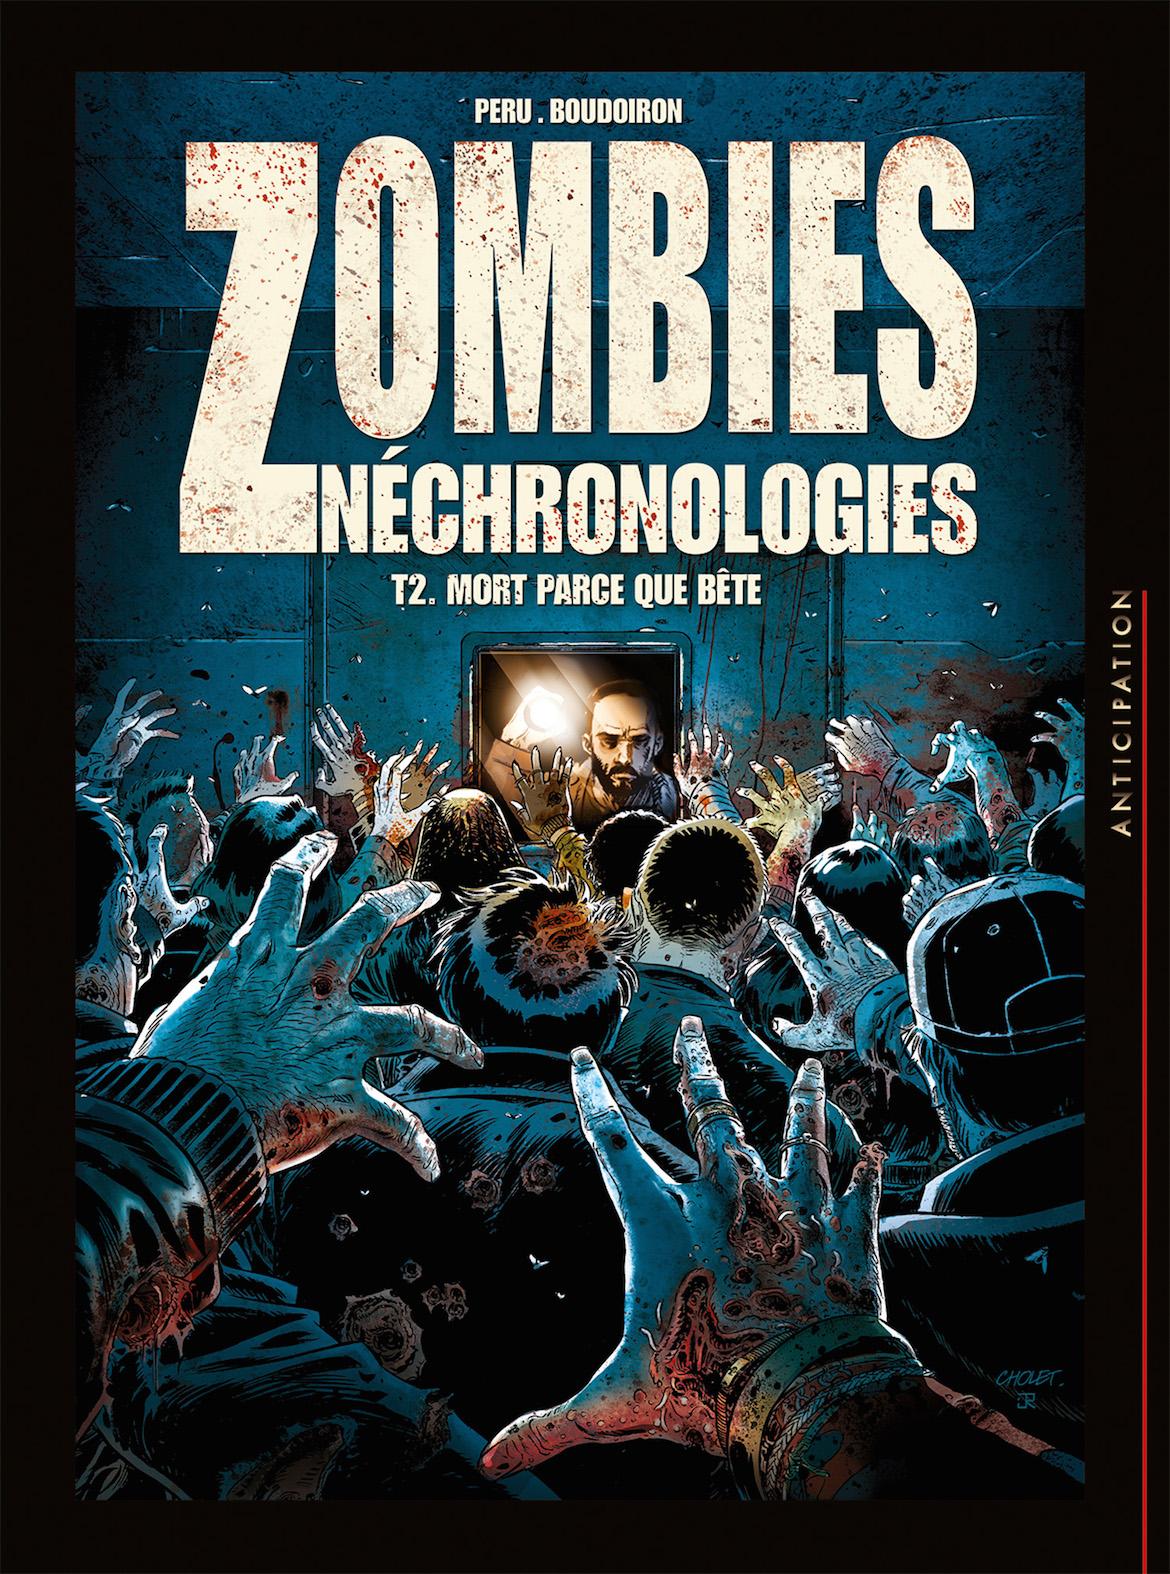 Zombies Néchronologies, tome 2 : BD de Peru et Boudoiron